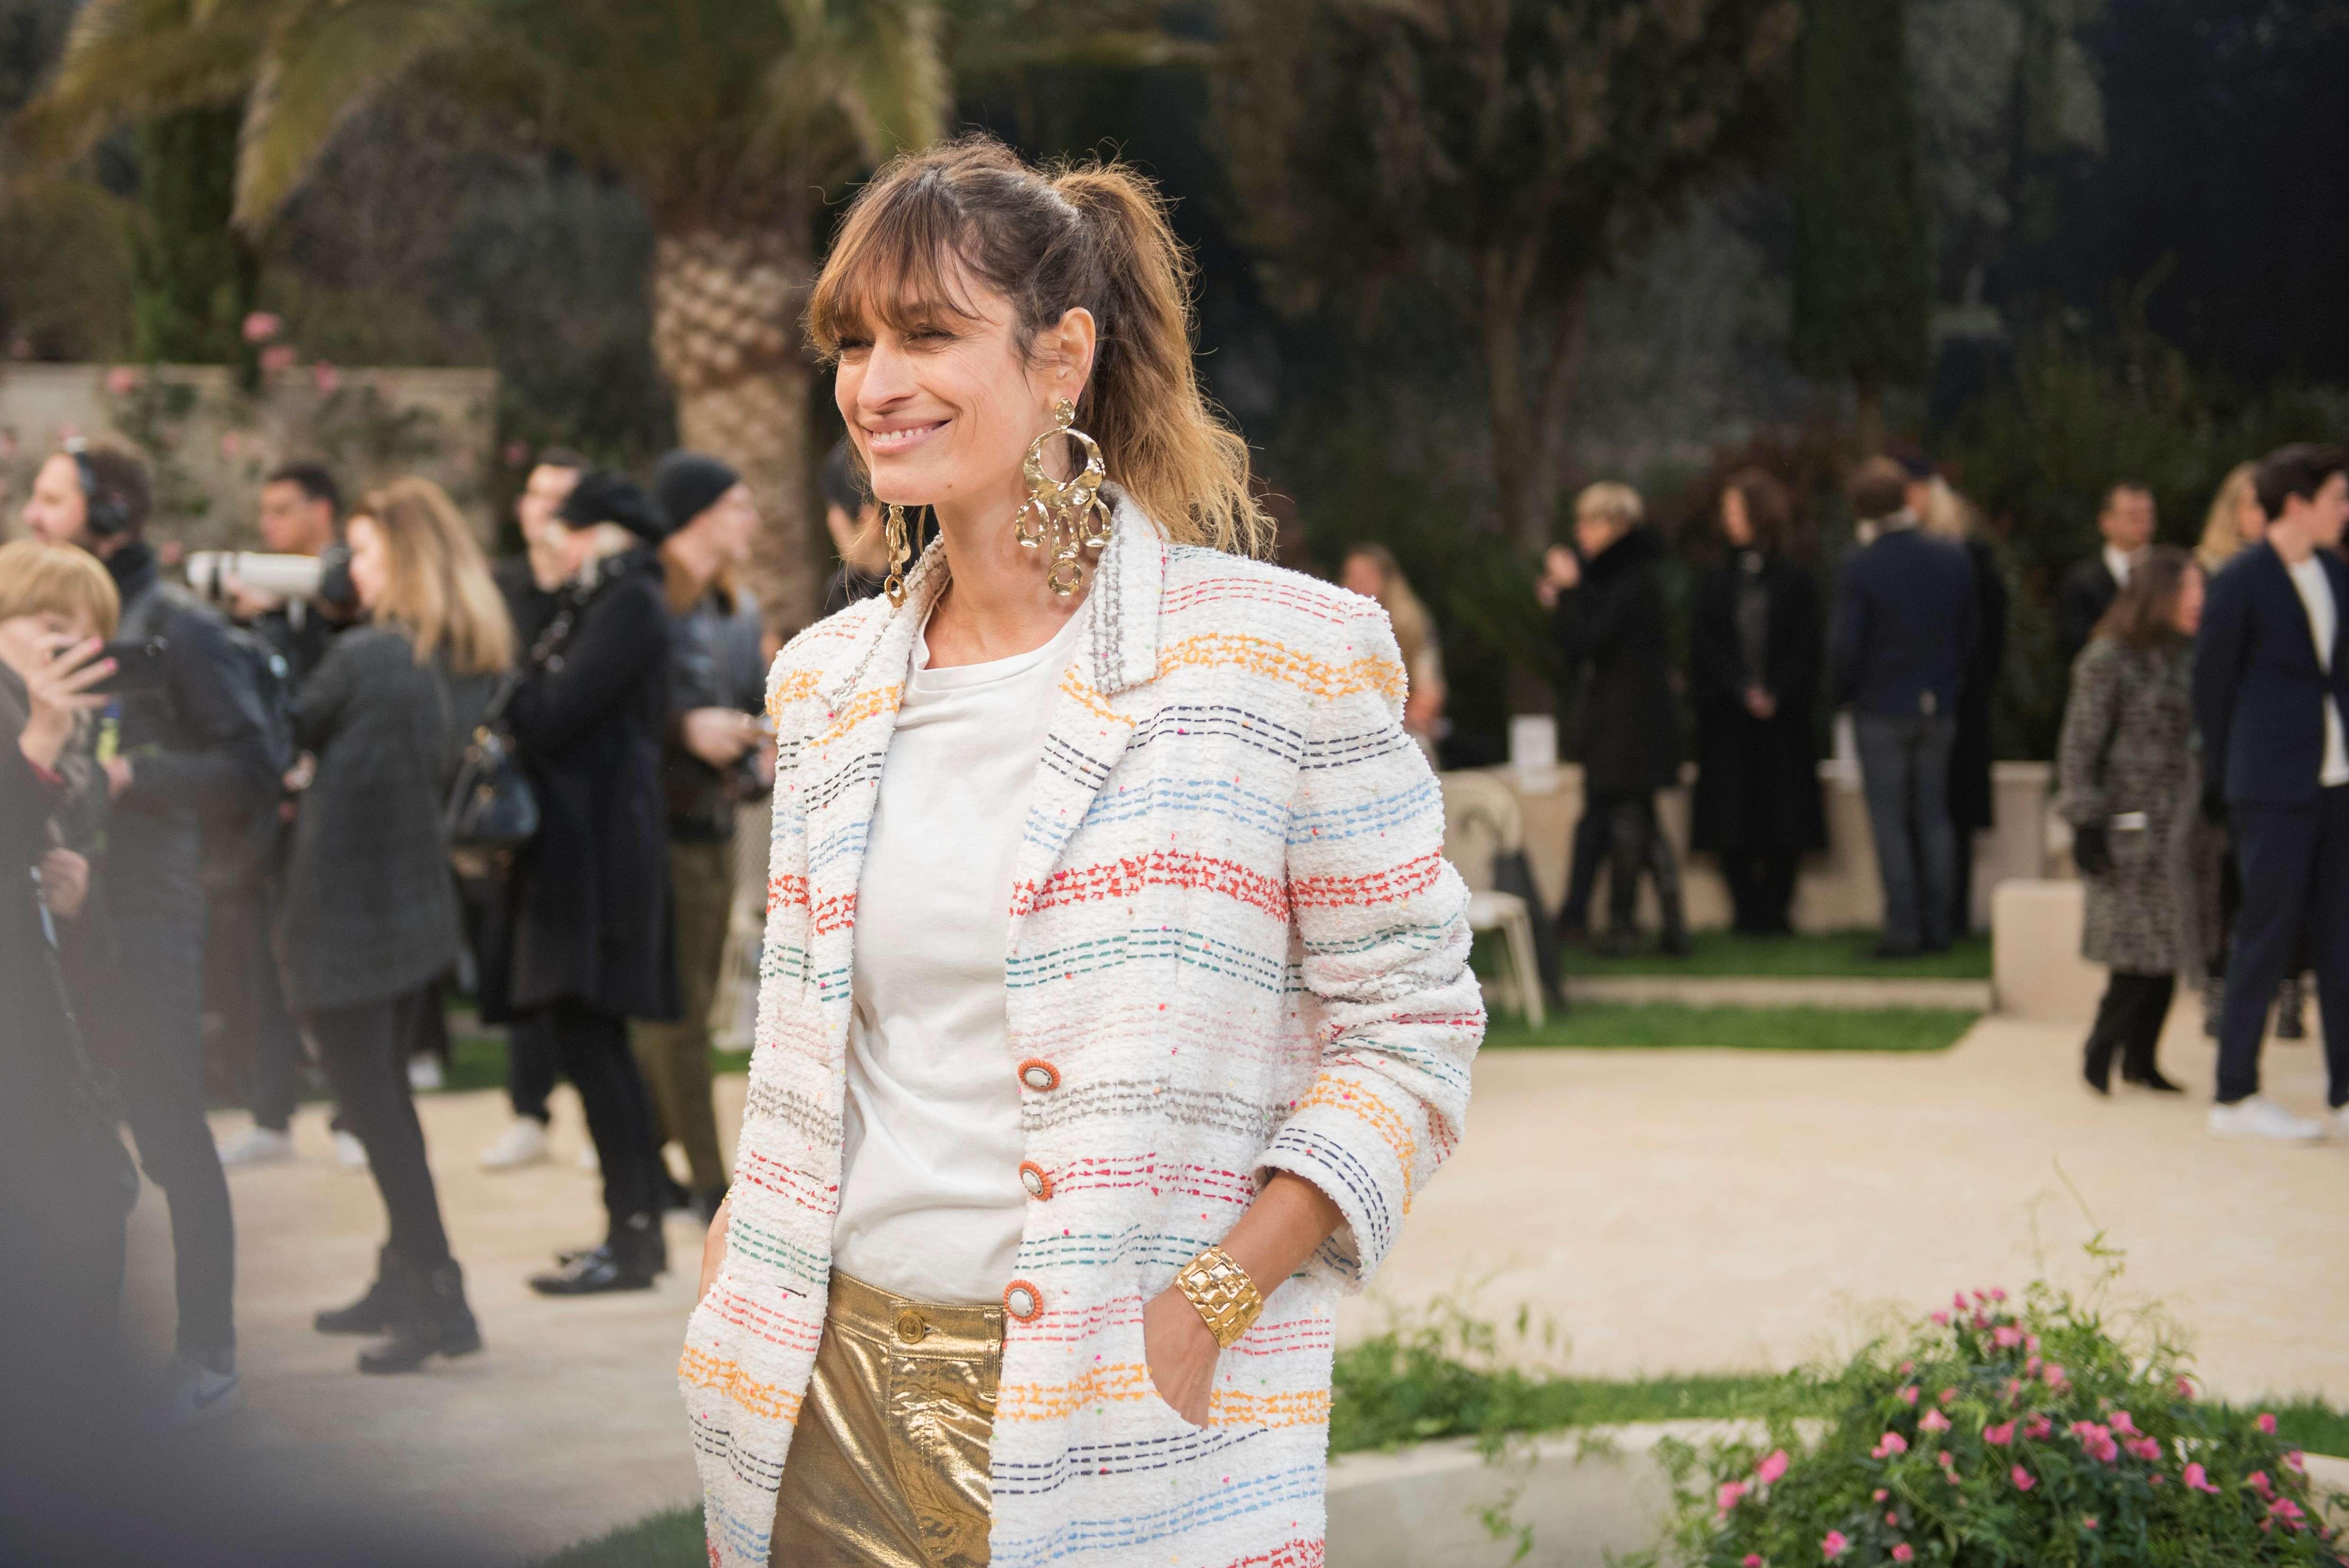 Dàn sao quốc tế đổ bộ Tuần lễ Thời trang Haute Couture Xuân - Hè 2019 4